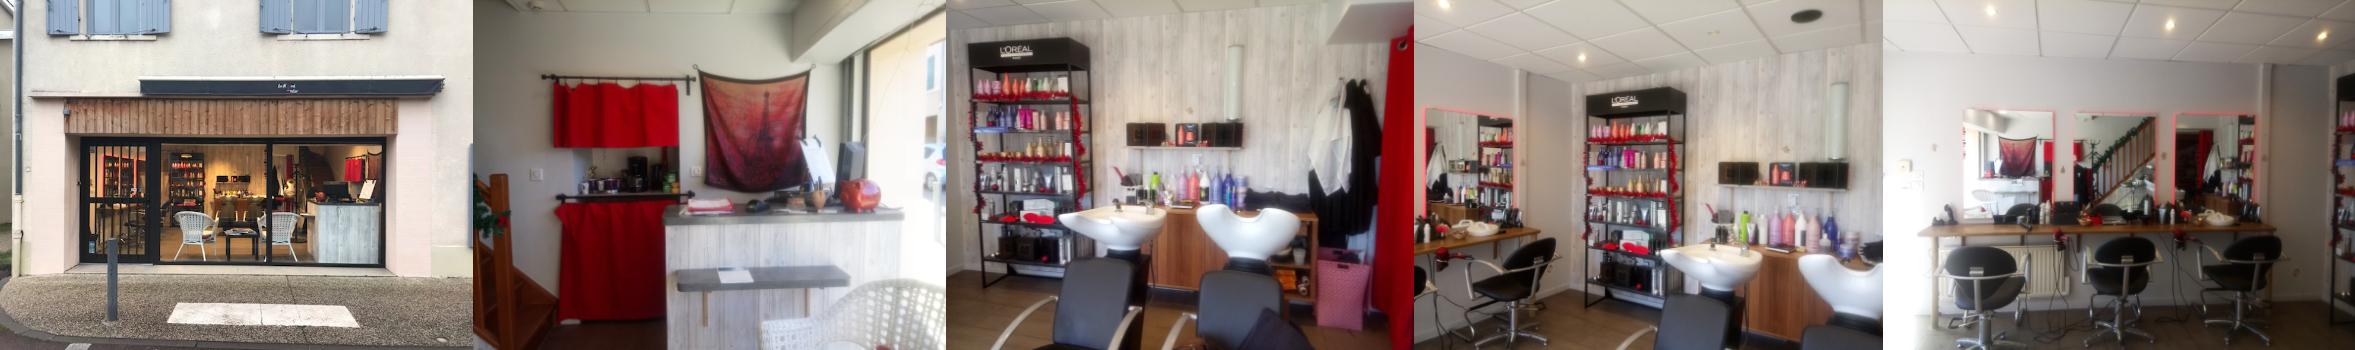 coiffeur-Lyon-montage-salon